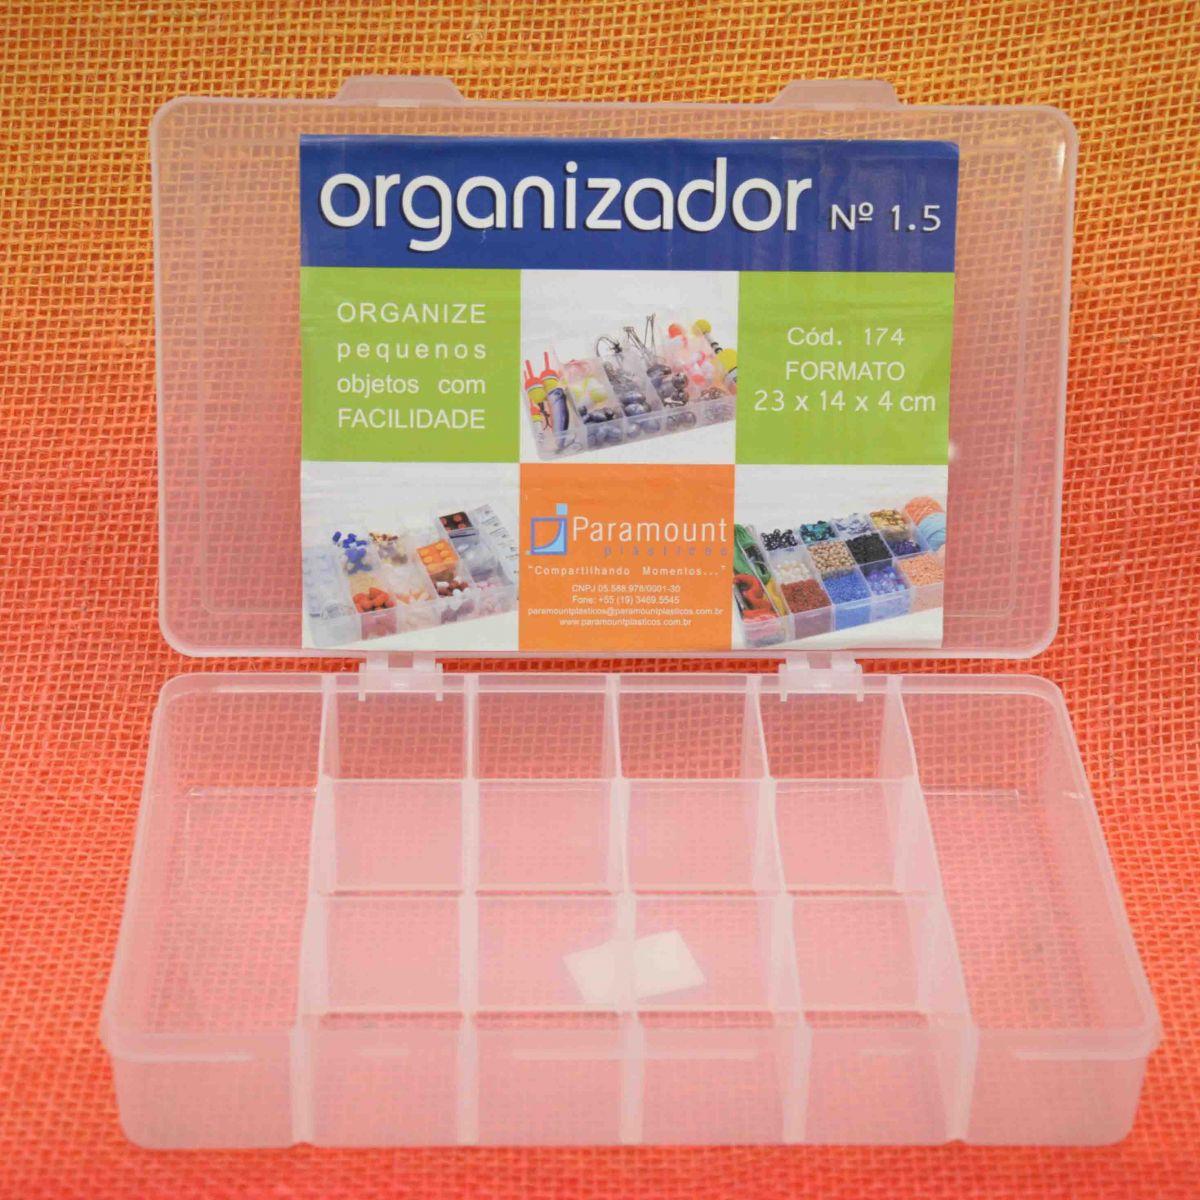 Box Caixa Organizador Paramount 14 Divisorias M - 174